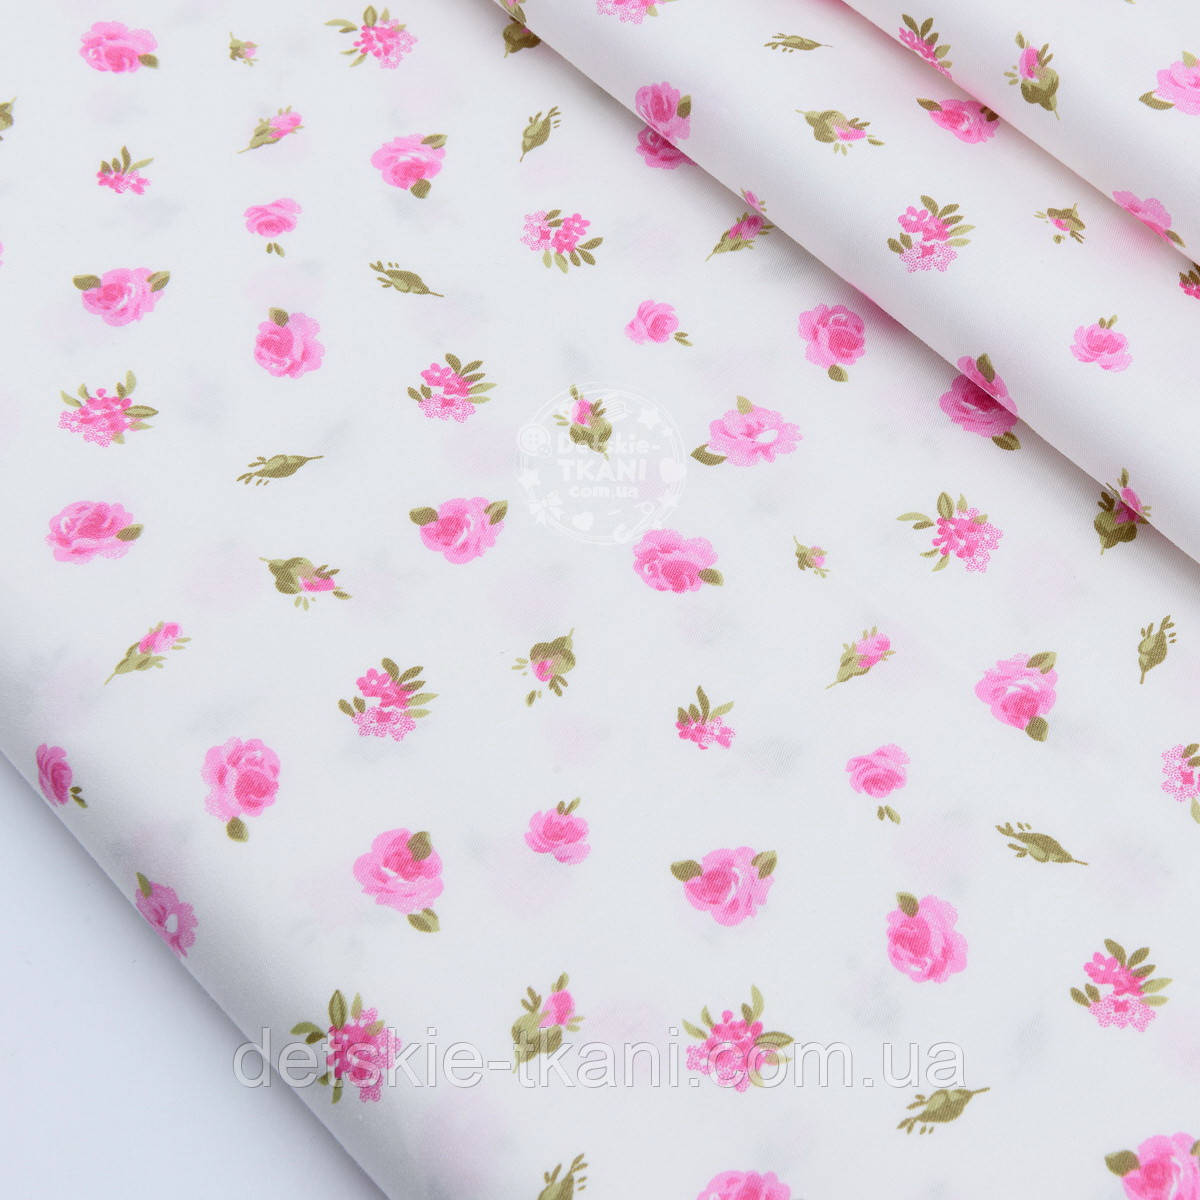 """Сатин ткань """"Маленькие розовые цветочки"""" на белом №1695с"""